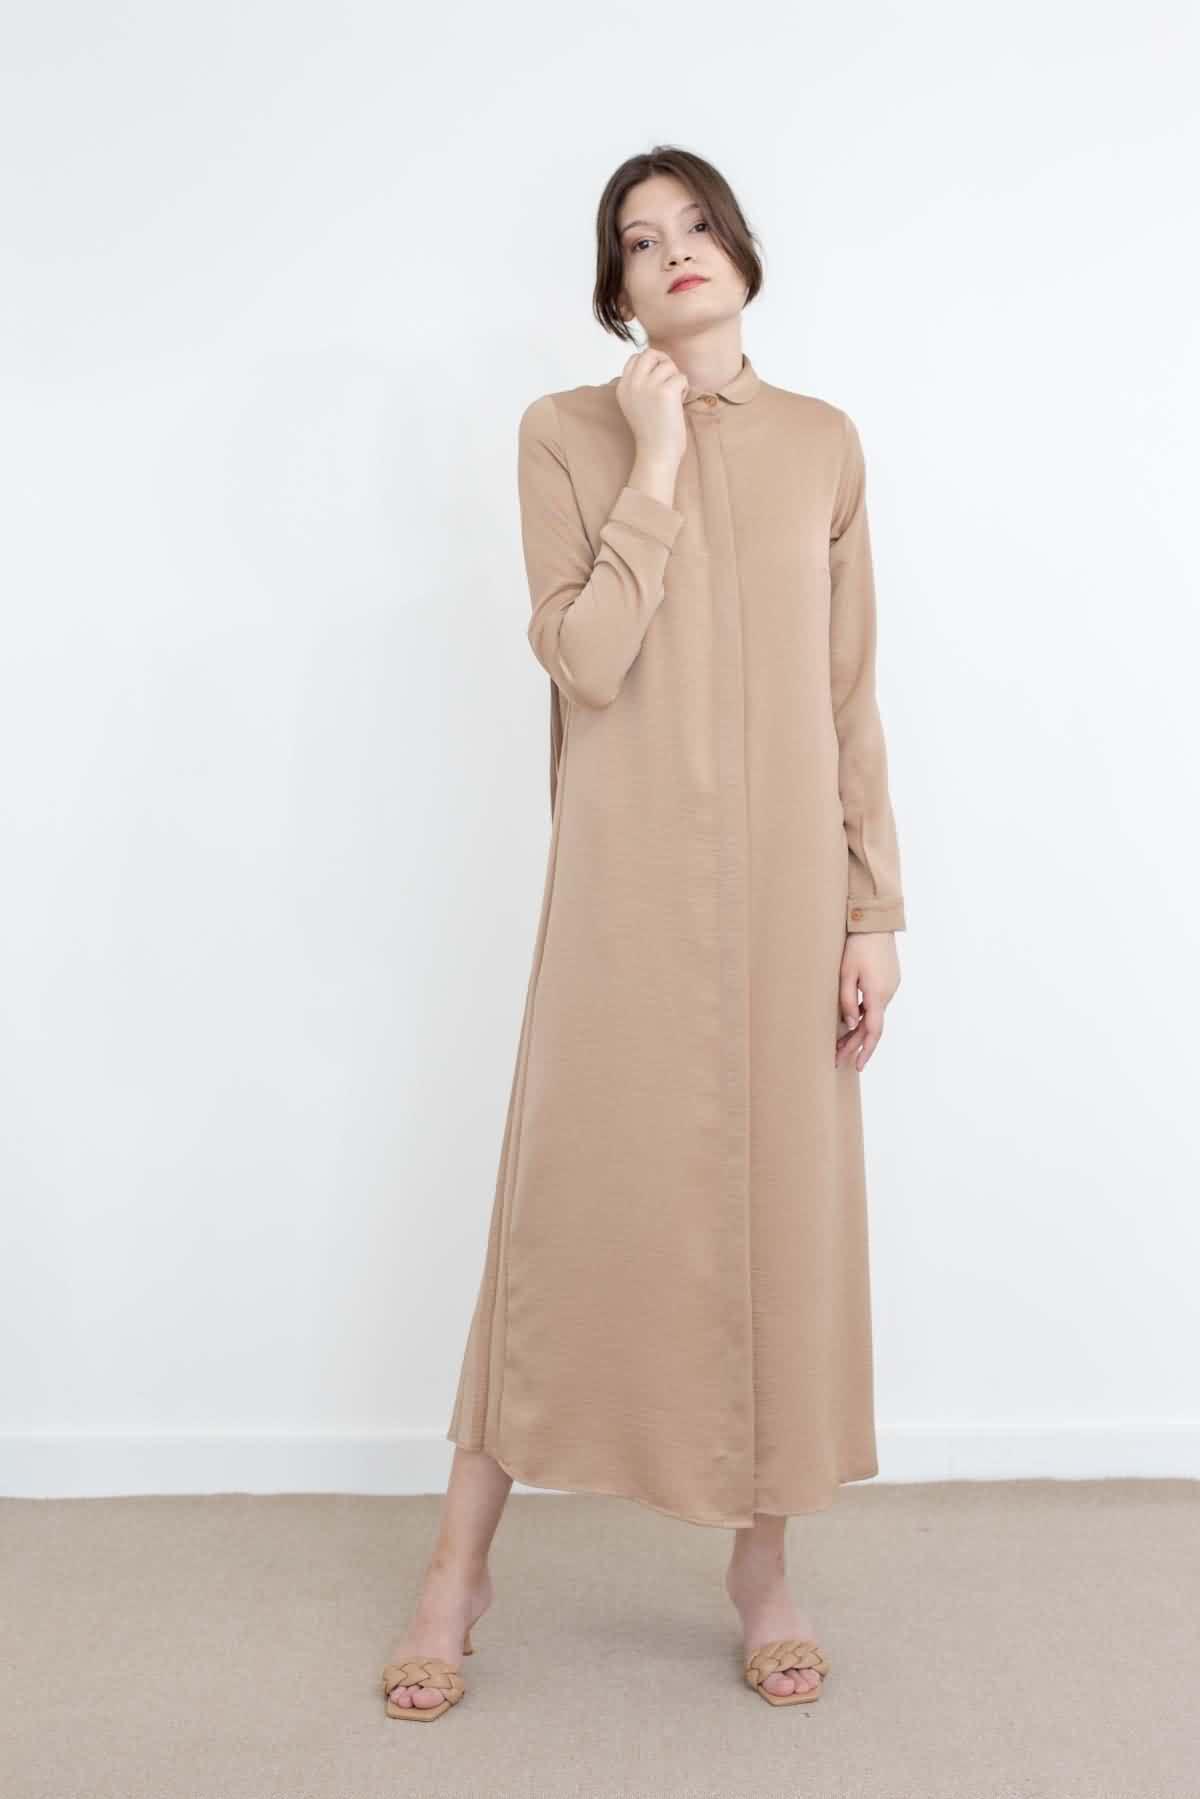 Mevra - Piliseli Elbise Bej